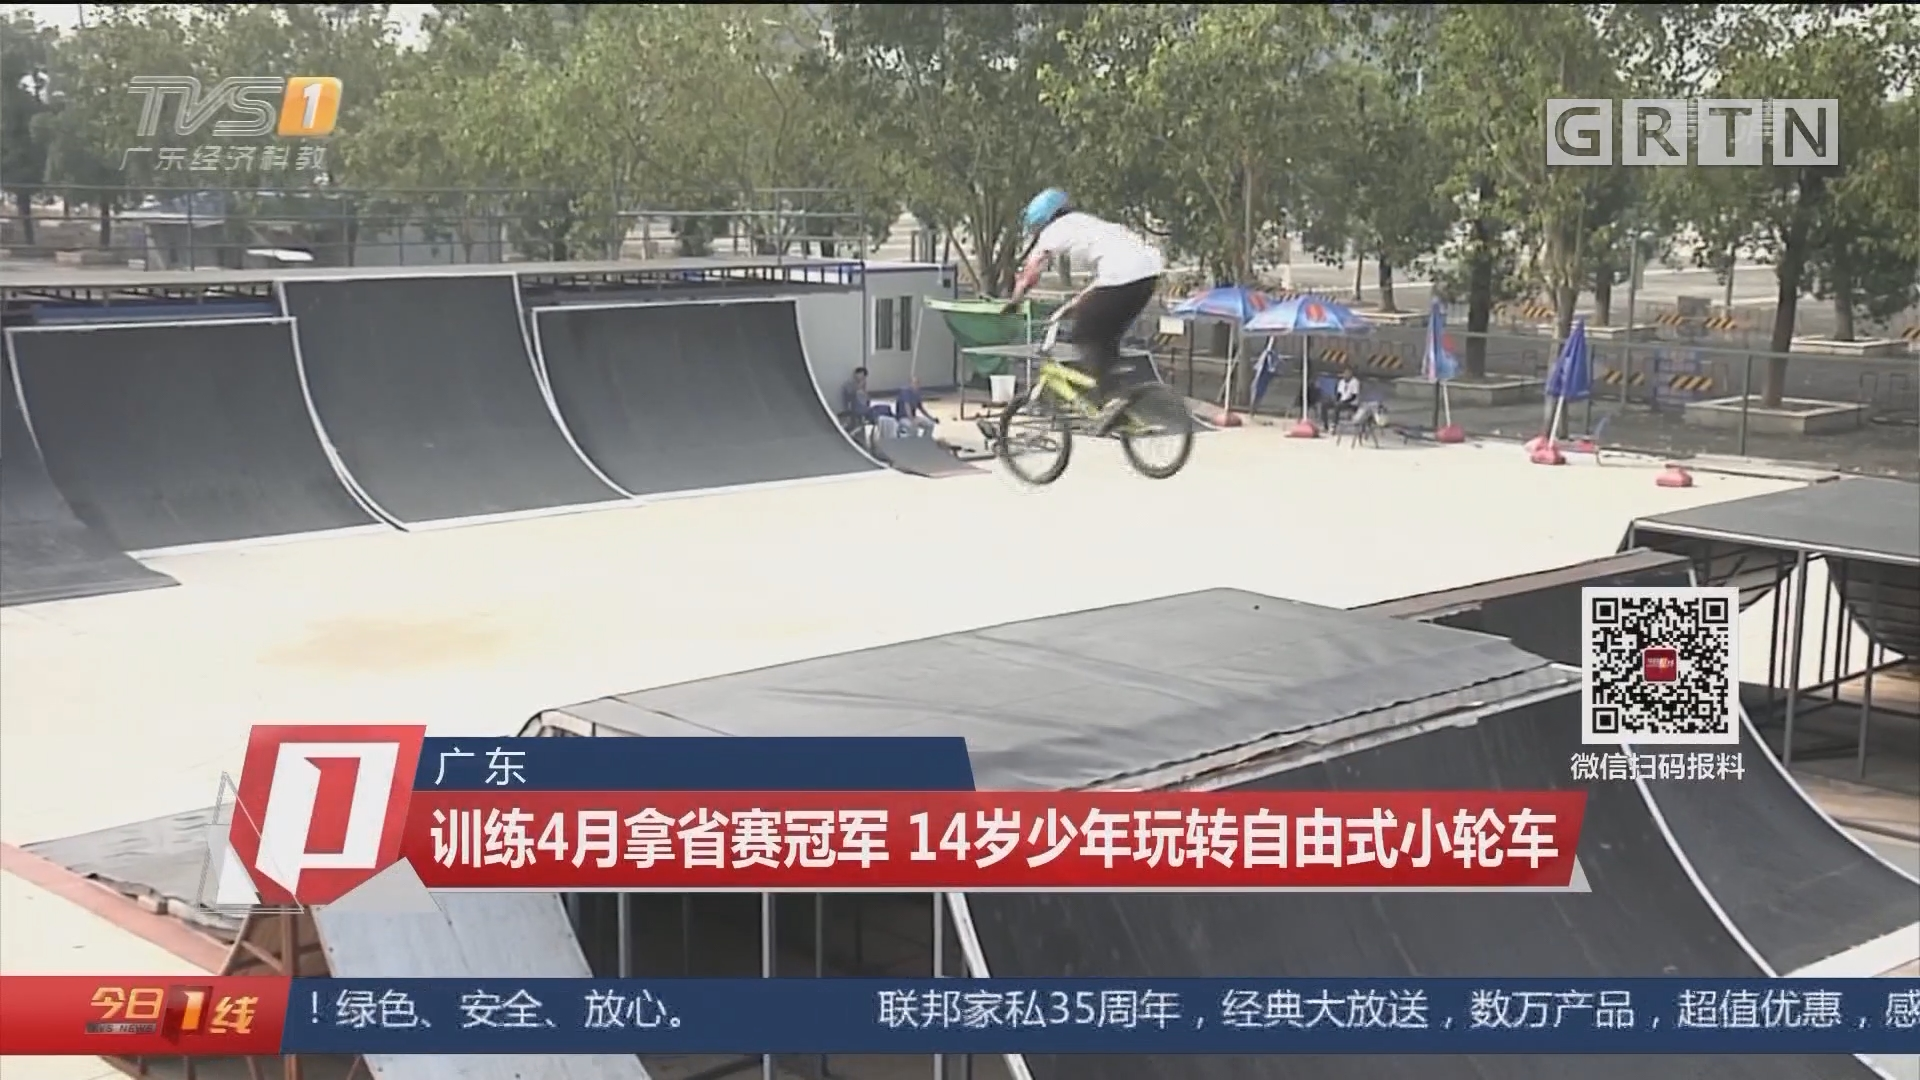 广东:训练4月拿省赛冠军 14岁少年玩转自由式小轮车